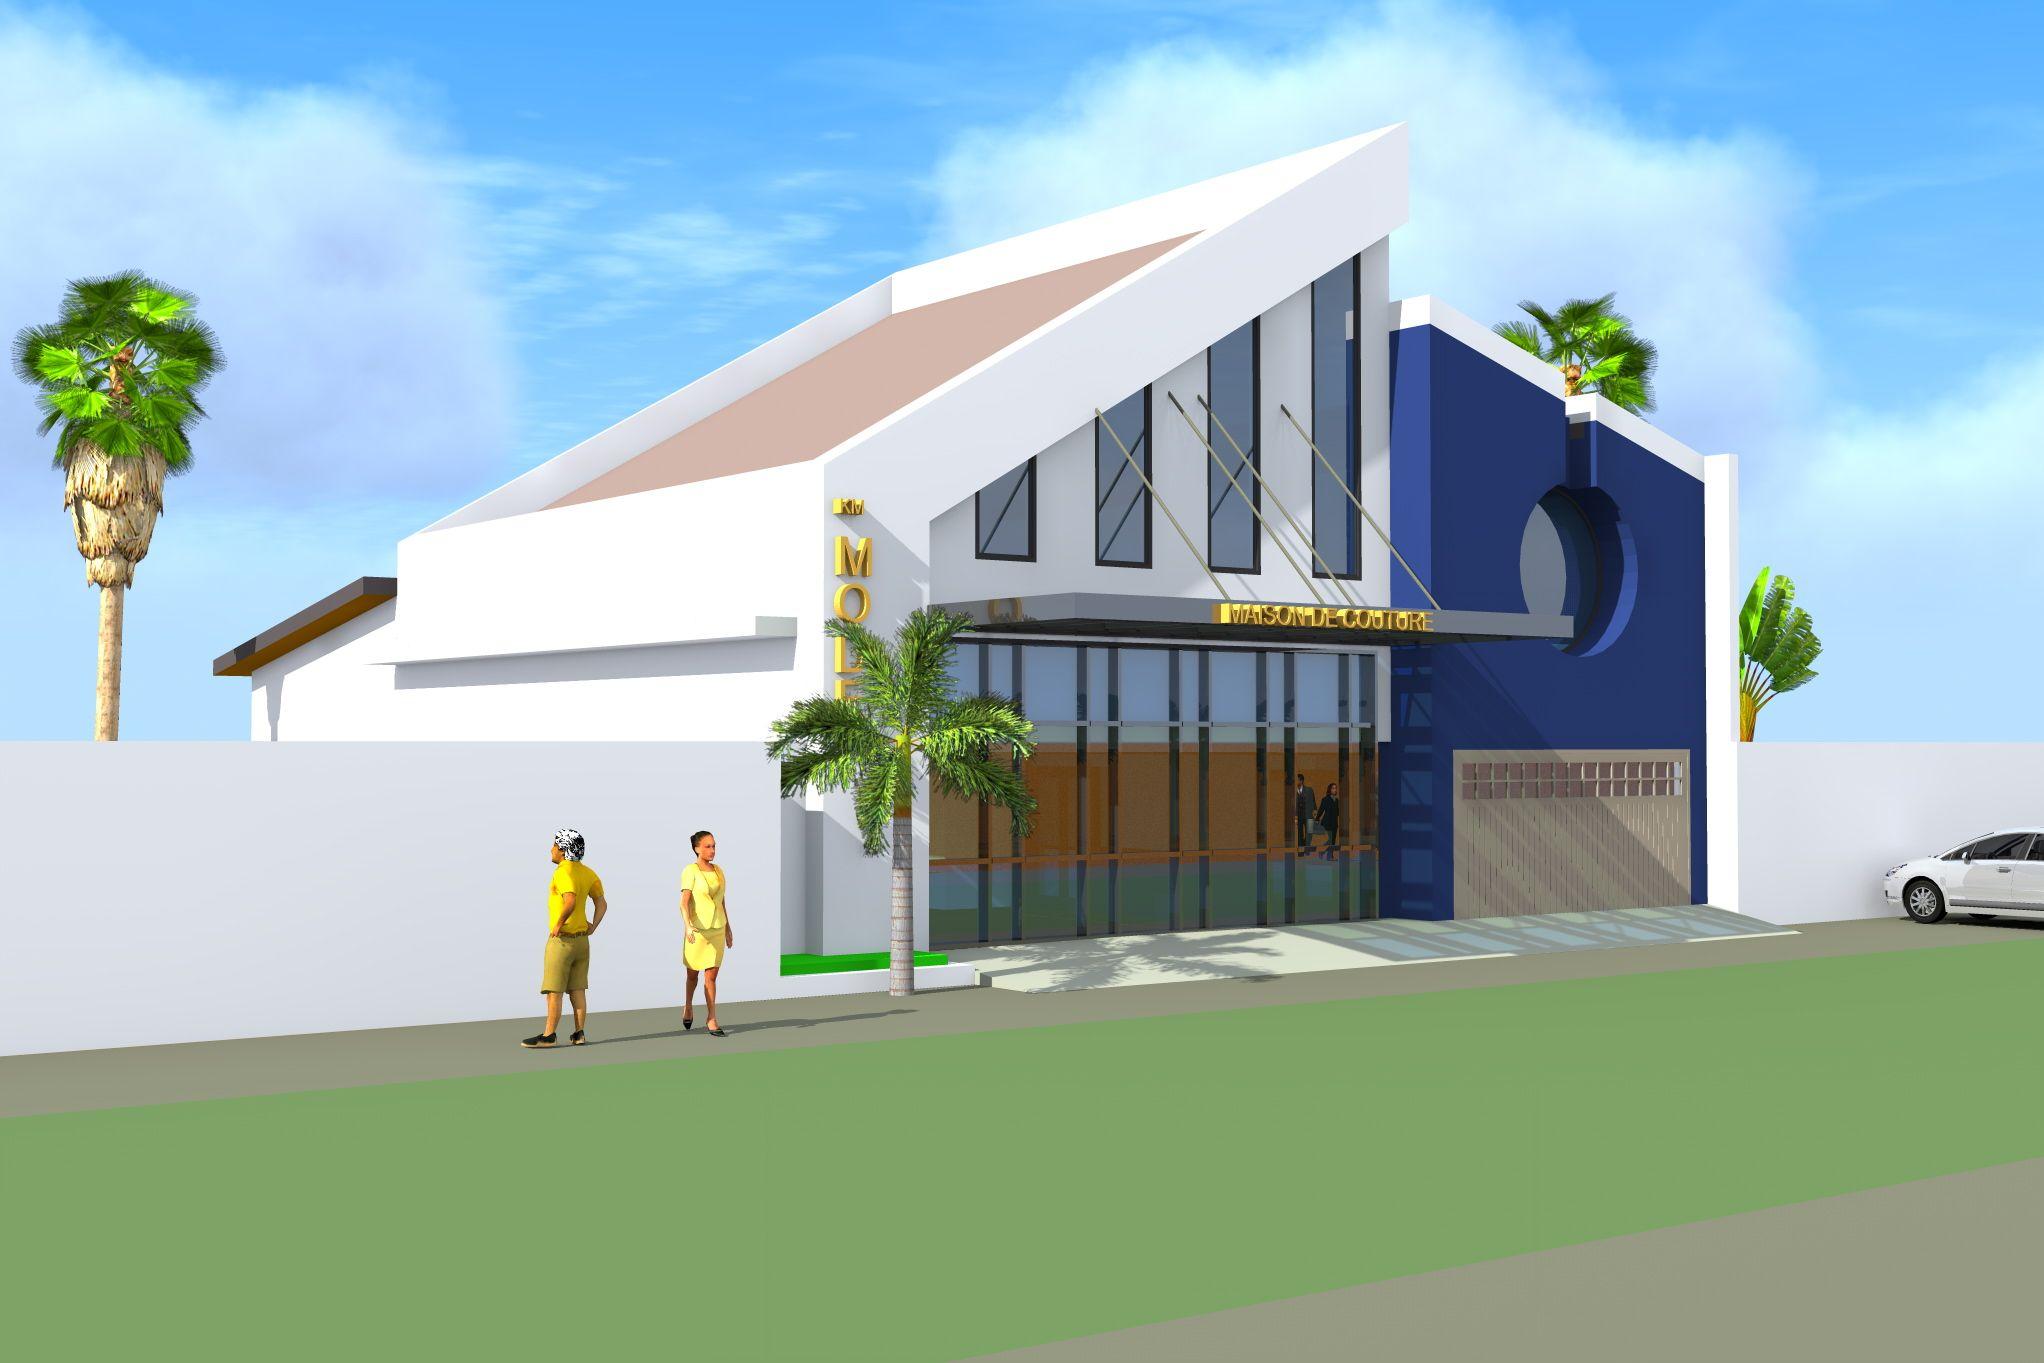 Projet de construction d 39 une maison de couture a lome for Projet de construction maison